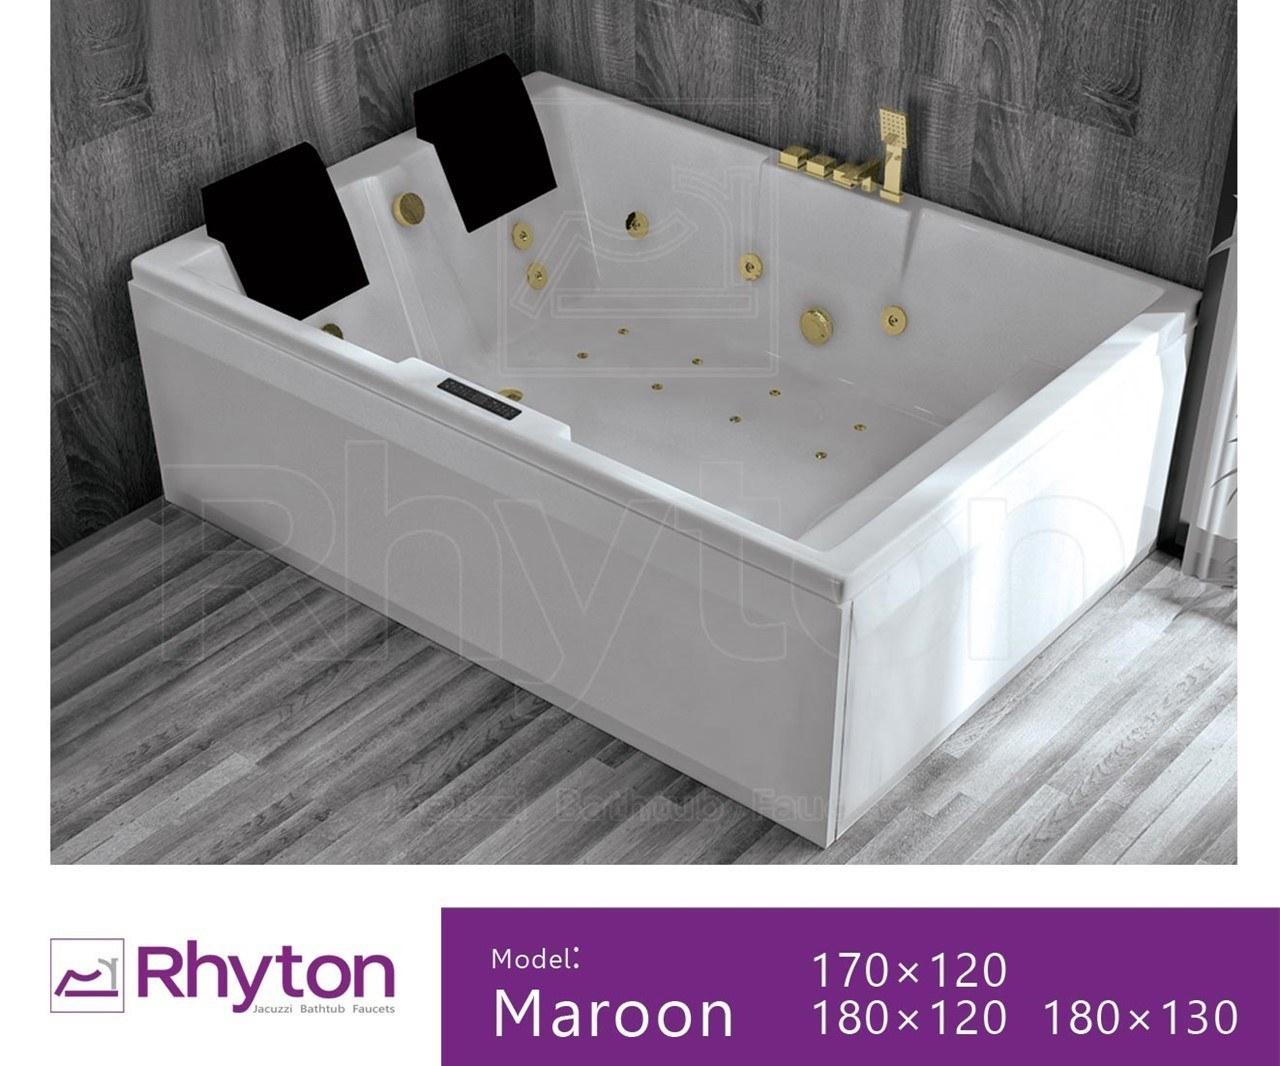 تصویر وان حمام ریتون مدل: Maroon 160